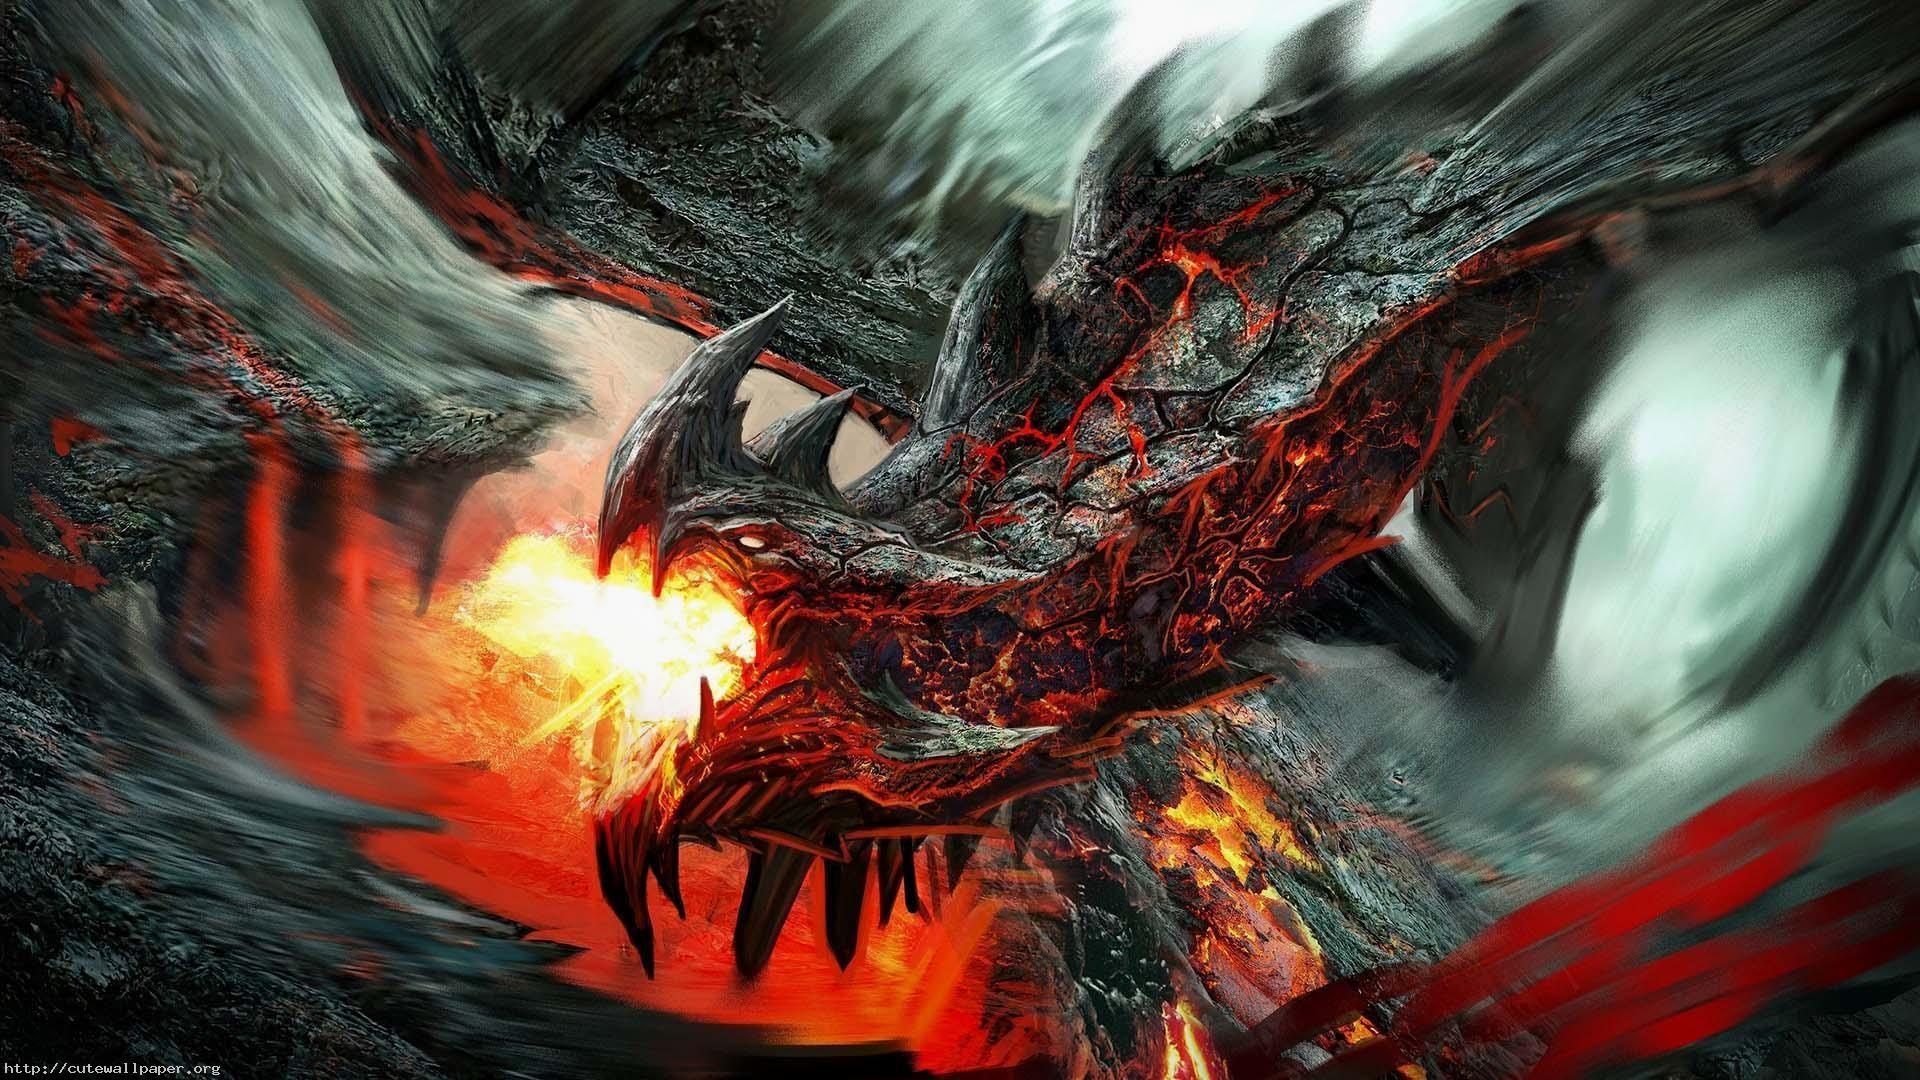 Explore Fire Dragon, Hd Wallpaper, and more!